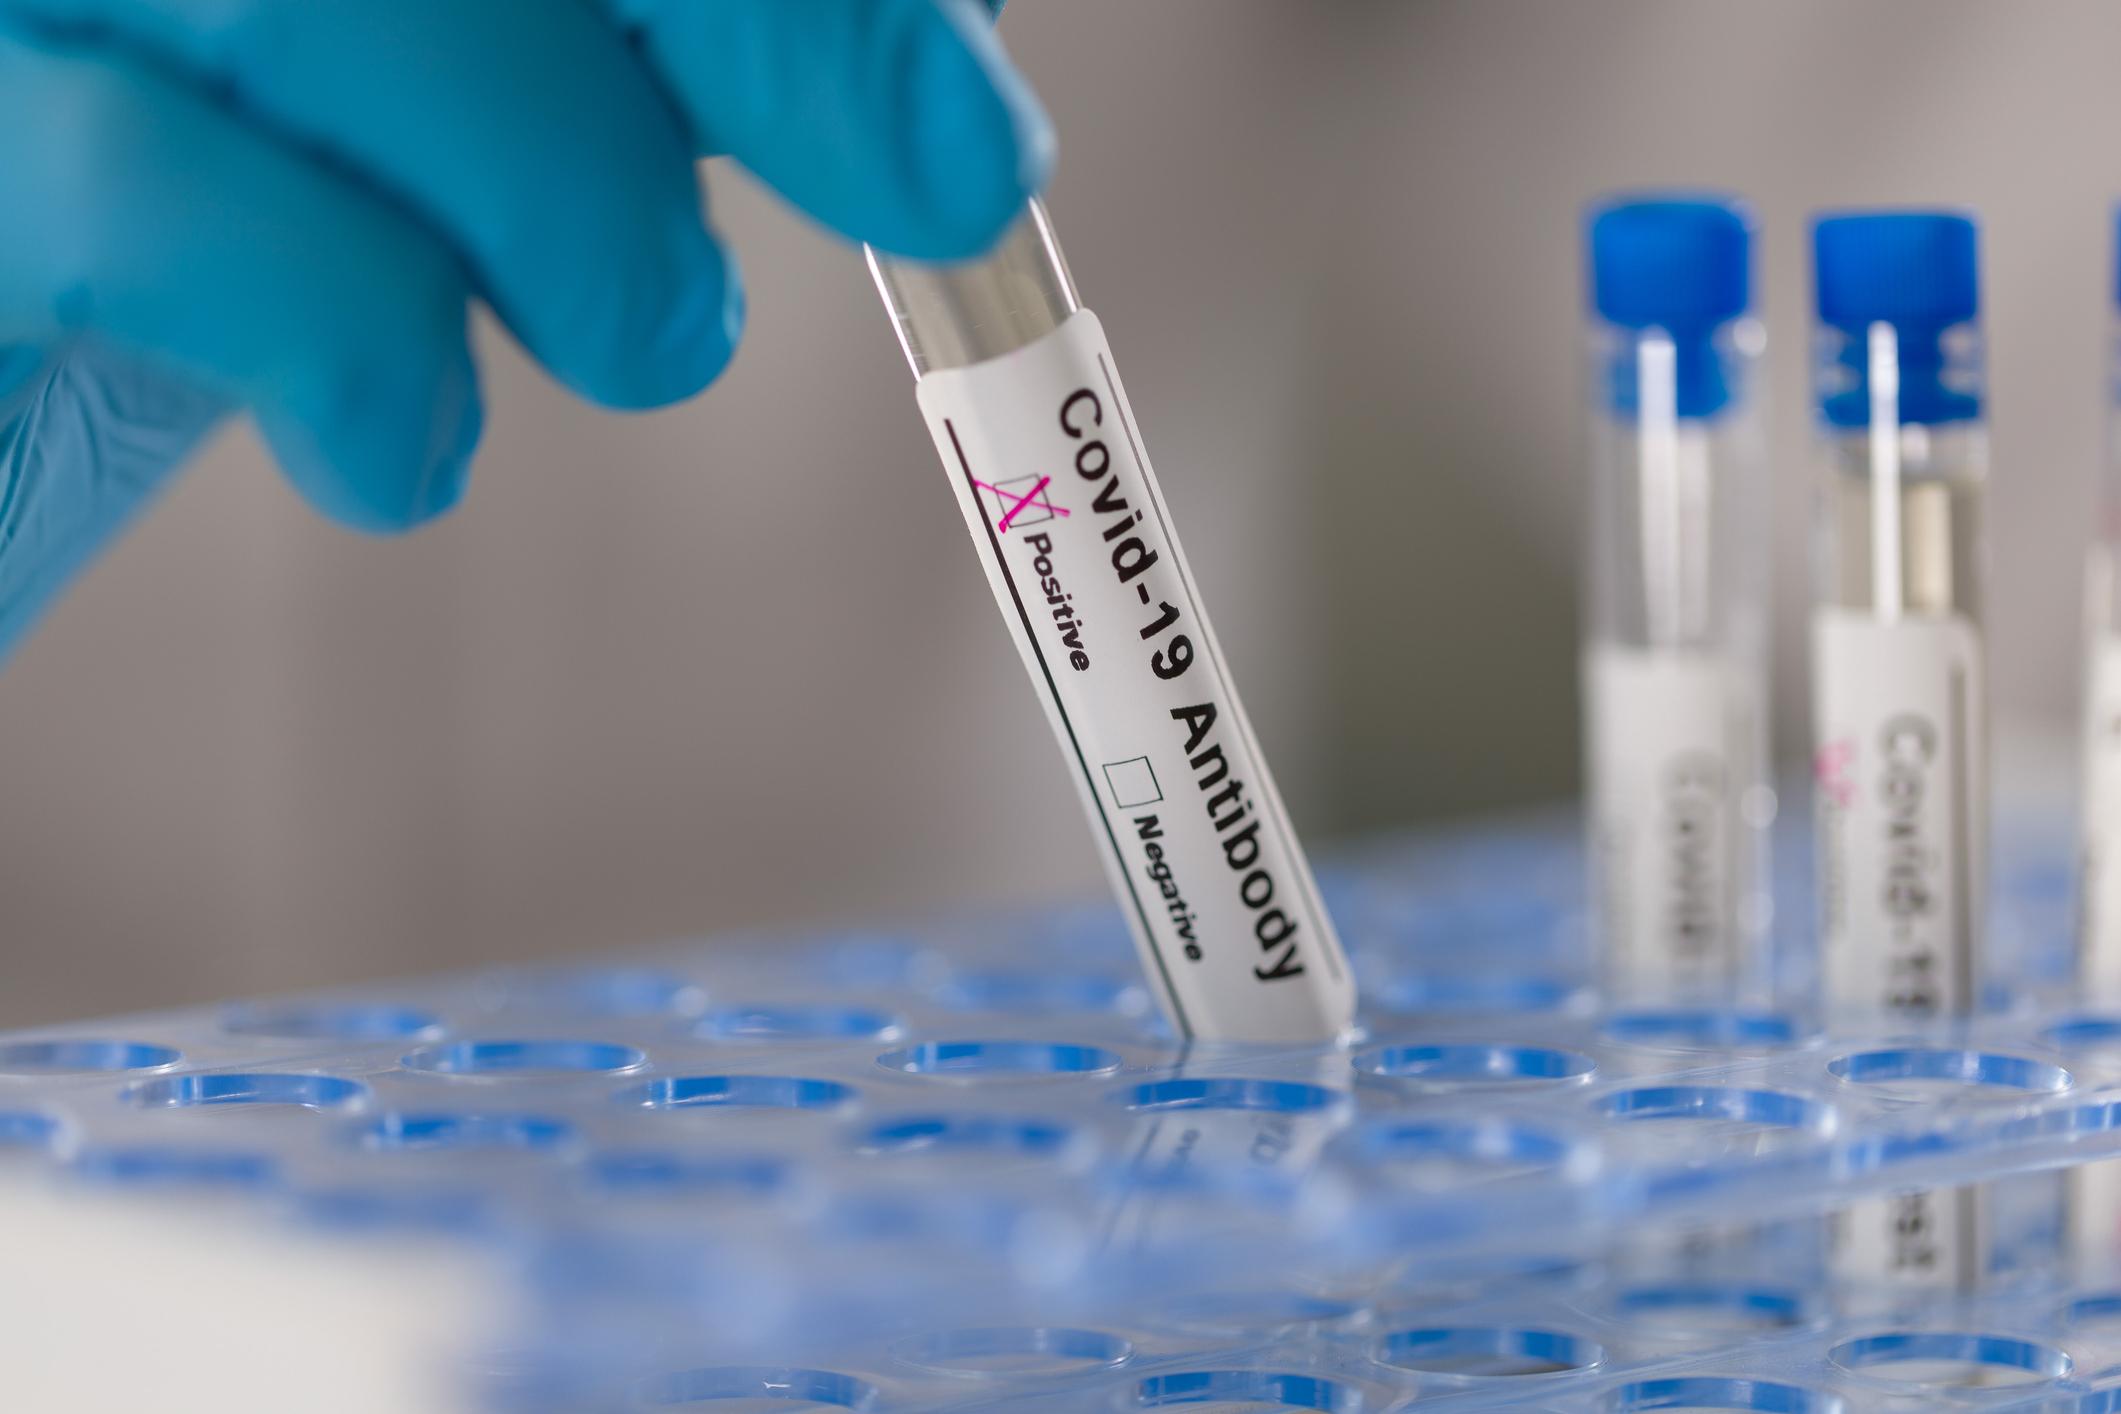 Κορωνοϊός Θεραπεία: Αποτελεσματικά τα μονοκλωνικά αντισώματα για τις μεταλλάξεις